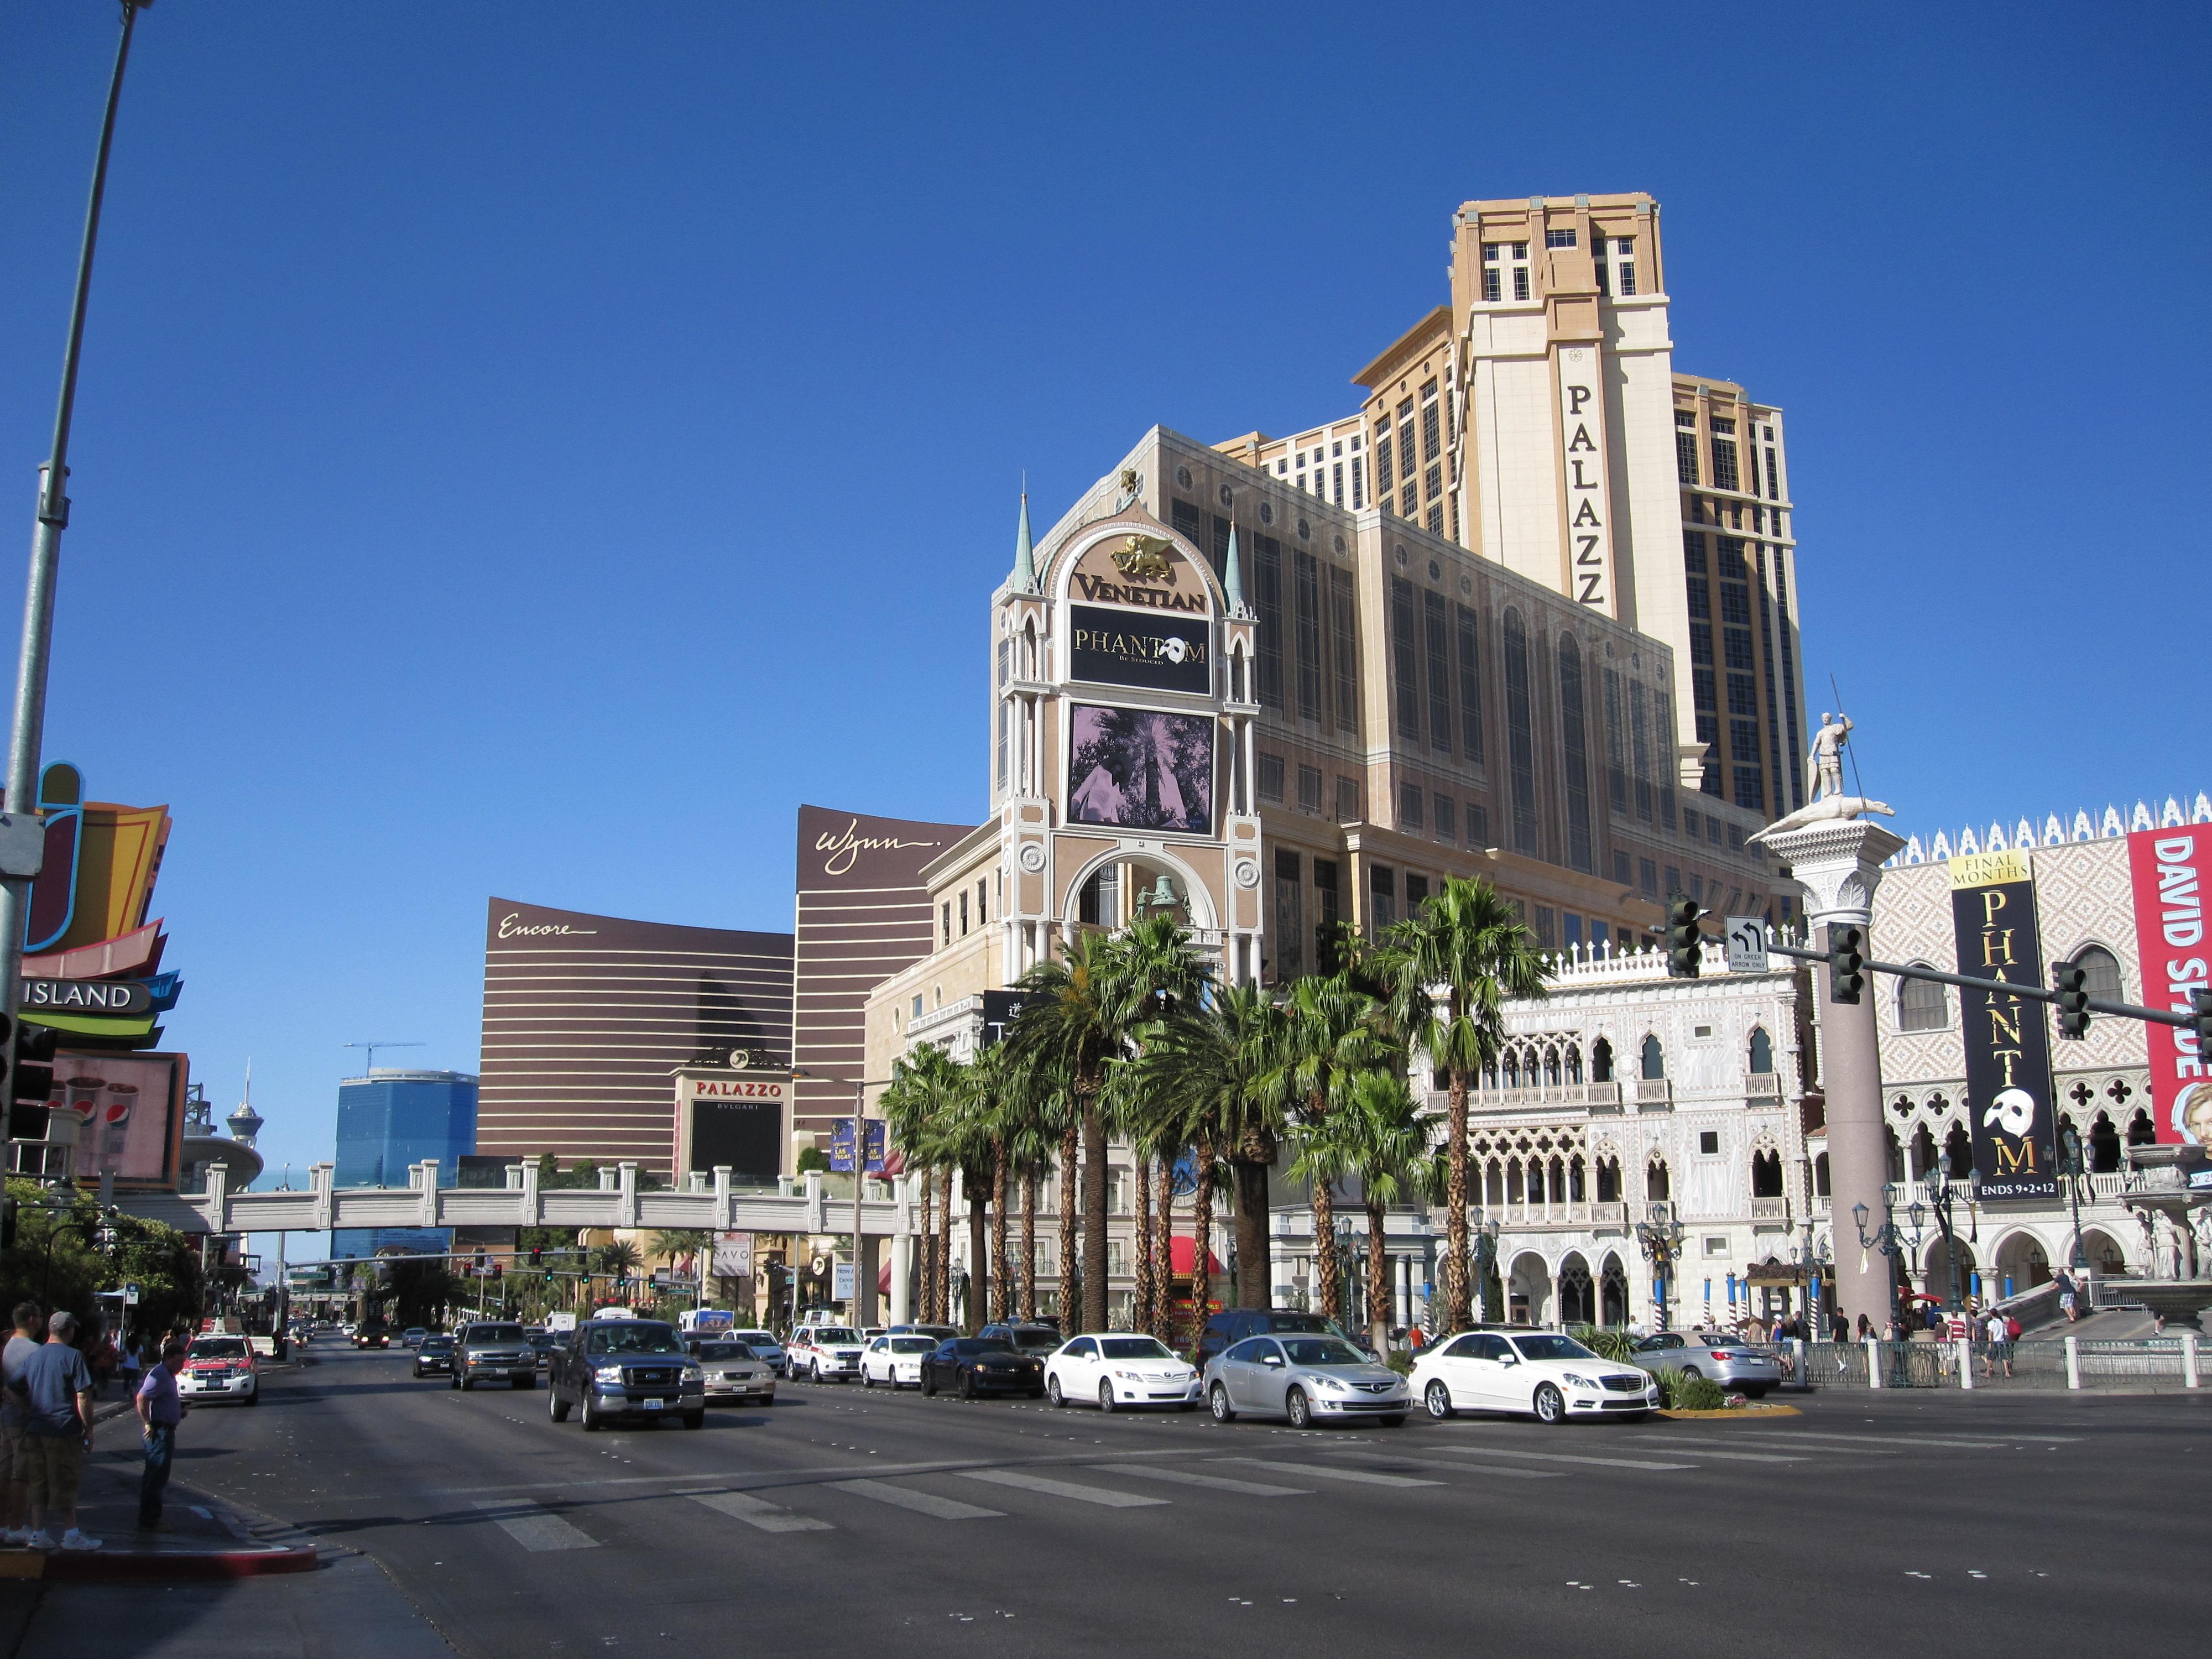 Las Vegas resorts